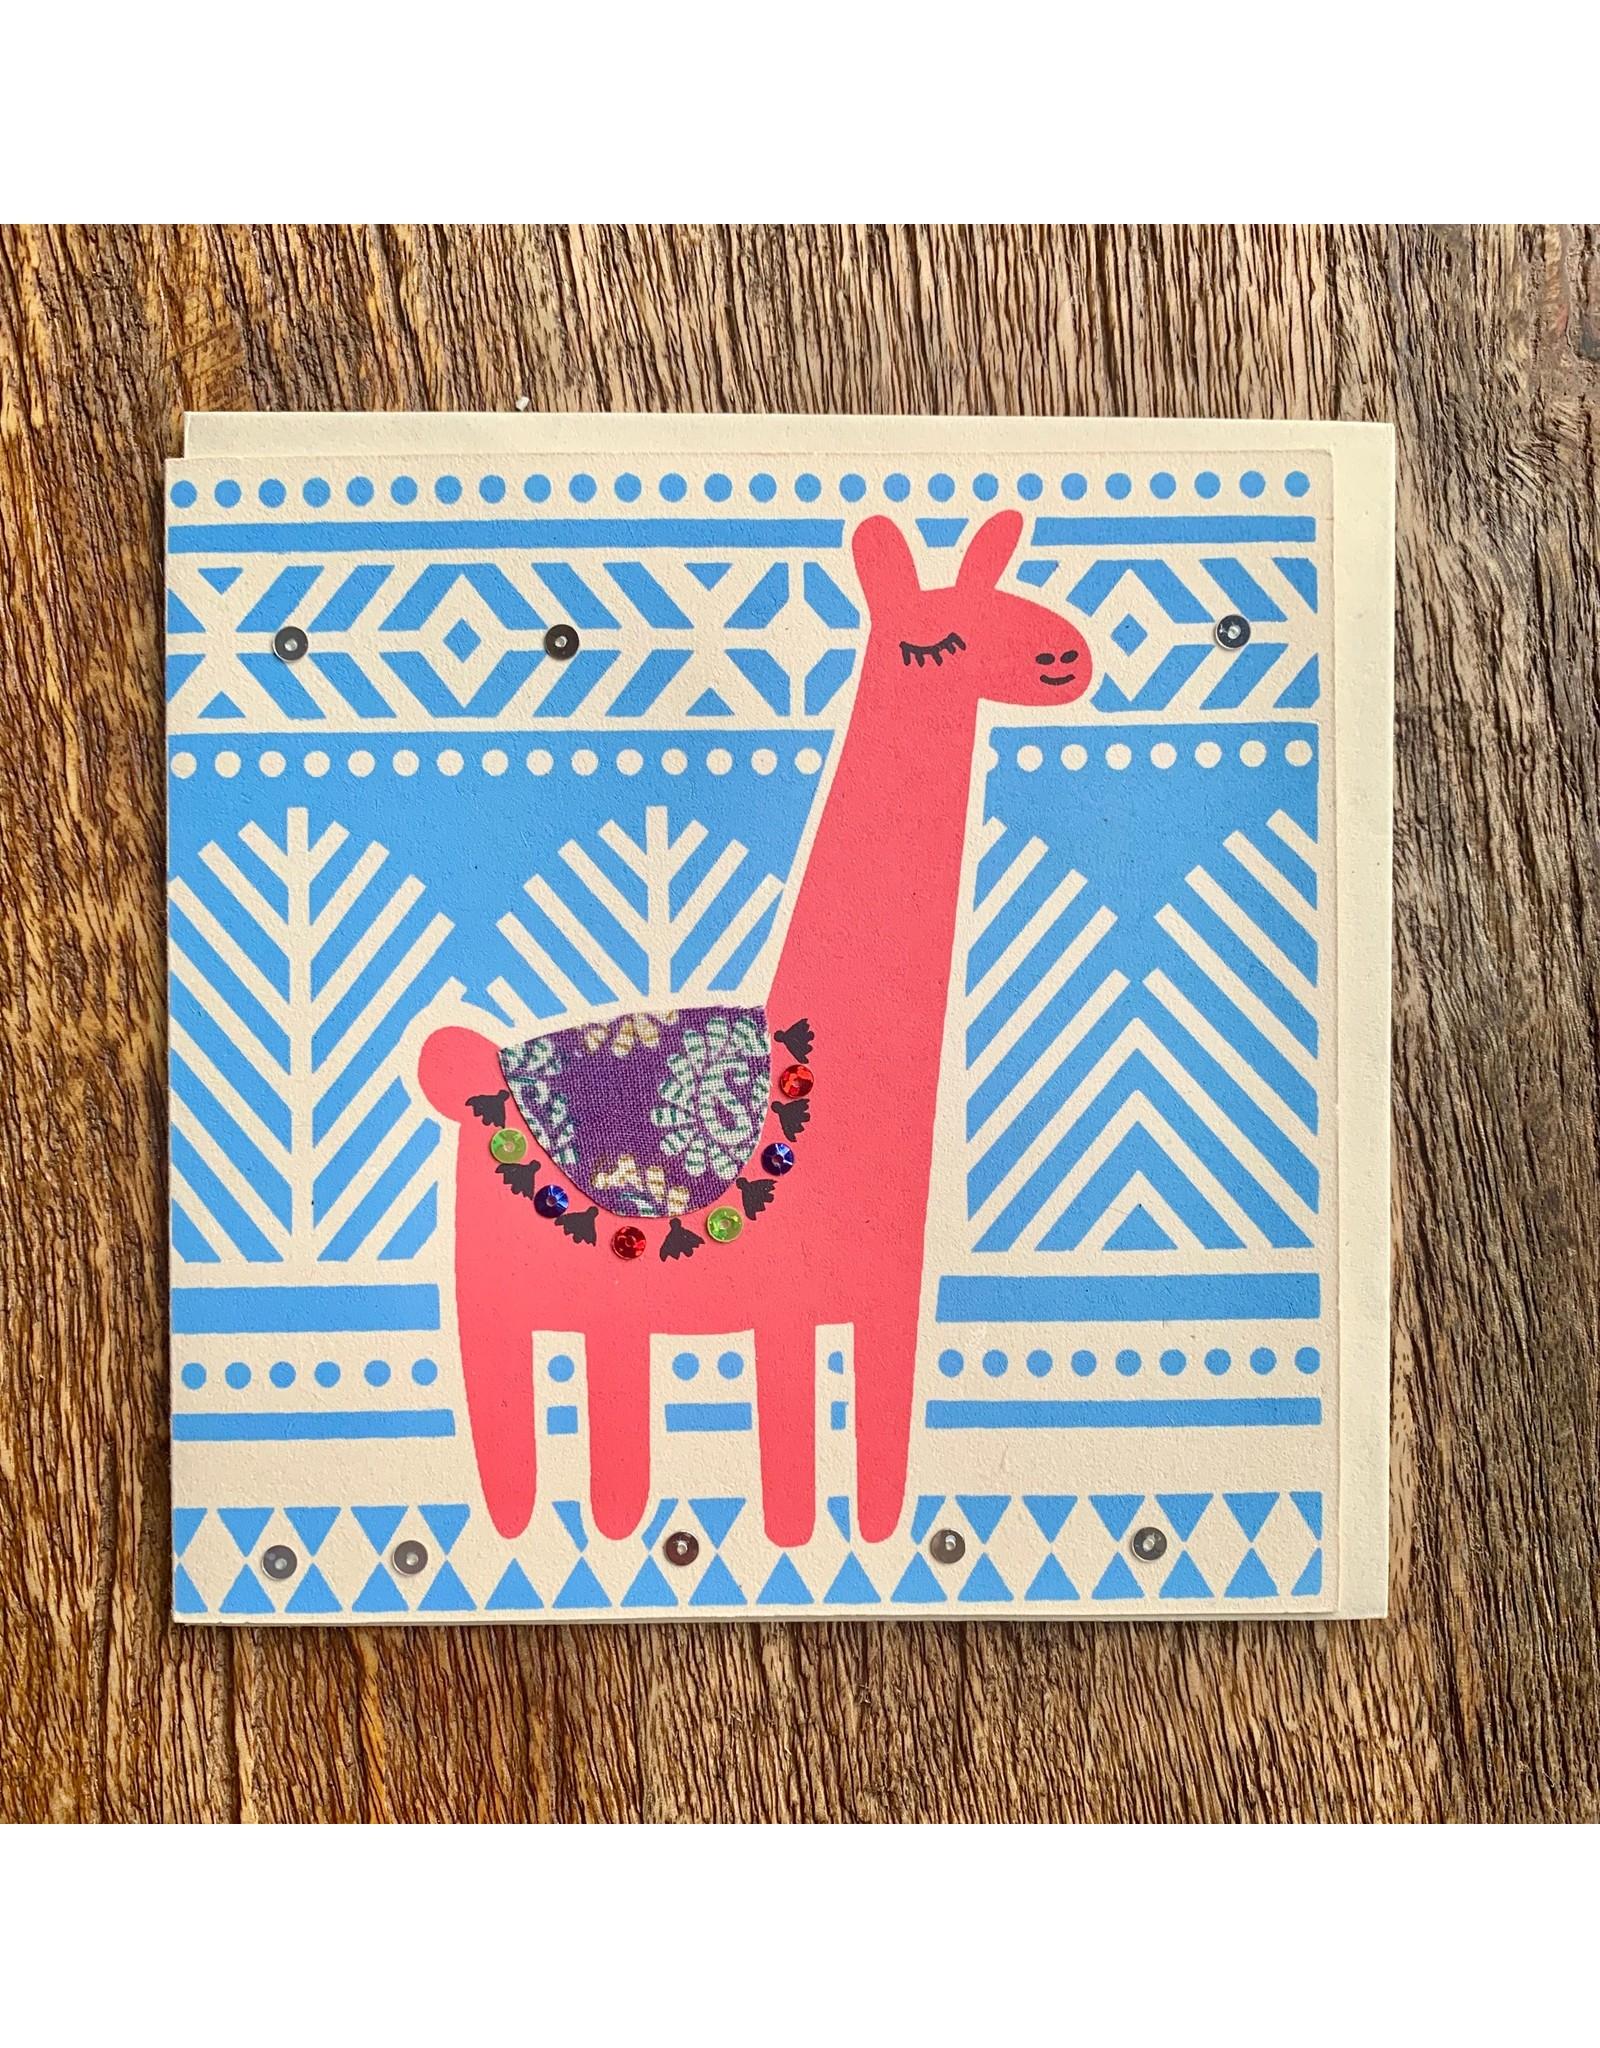 Ten Thousand Villages Card Red Llama w/Sari Saddle